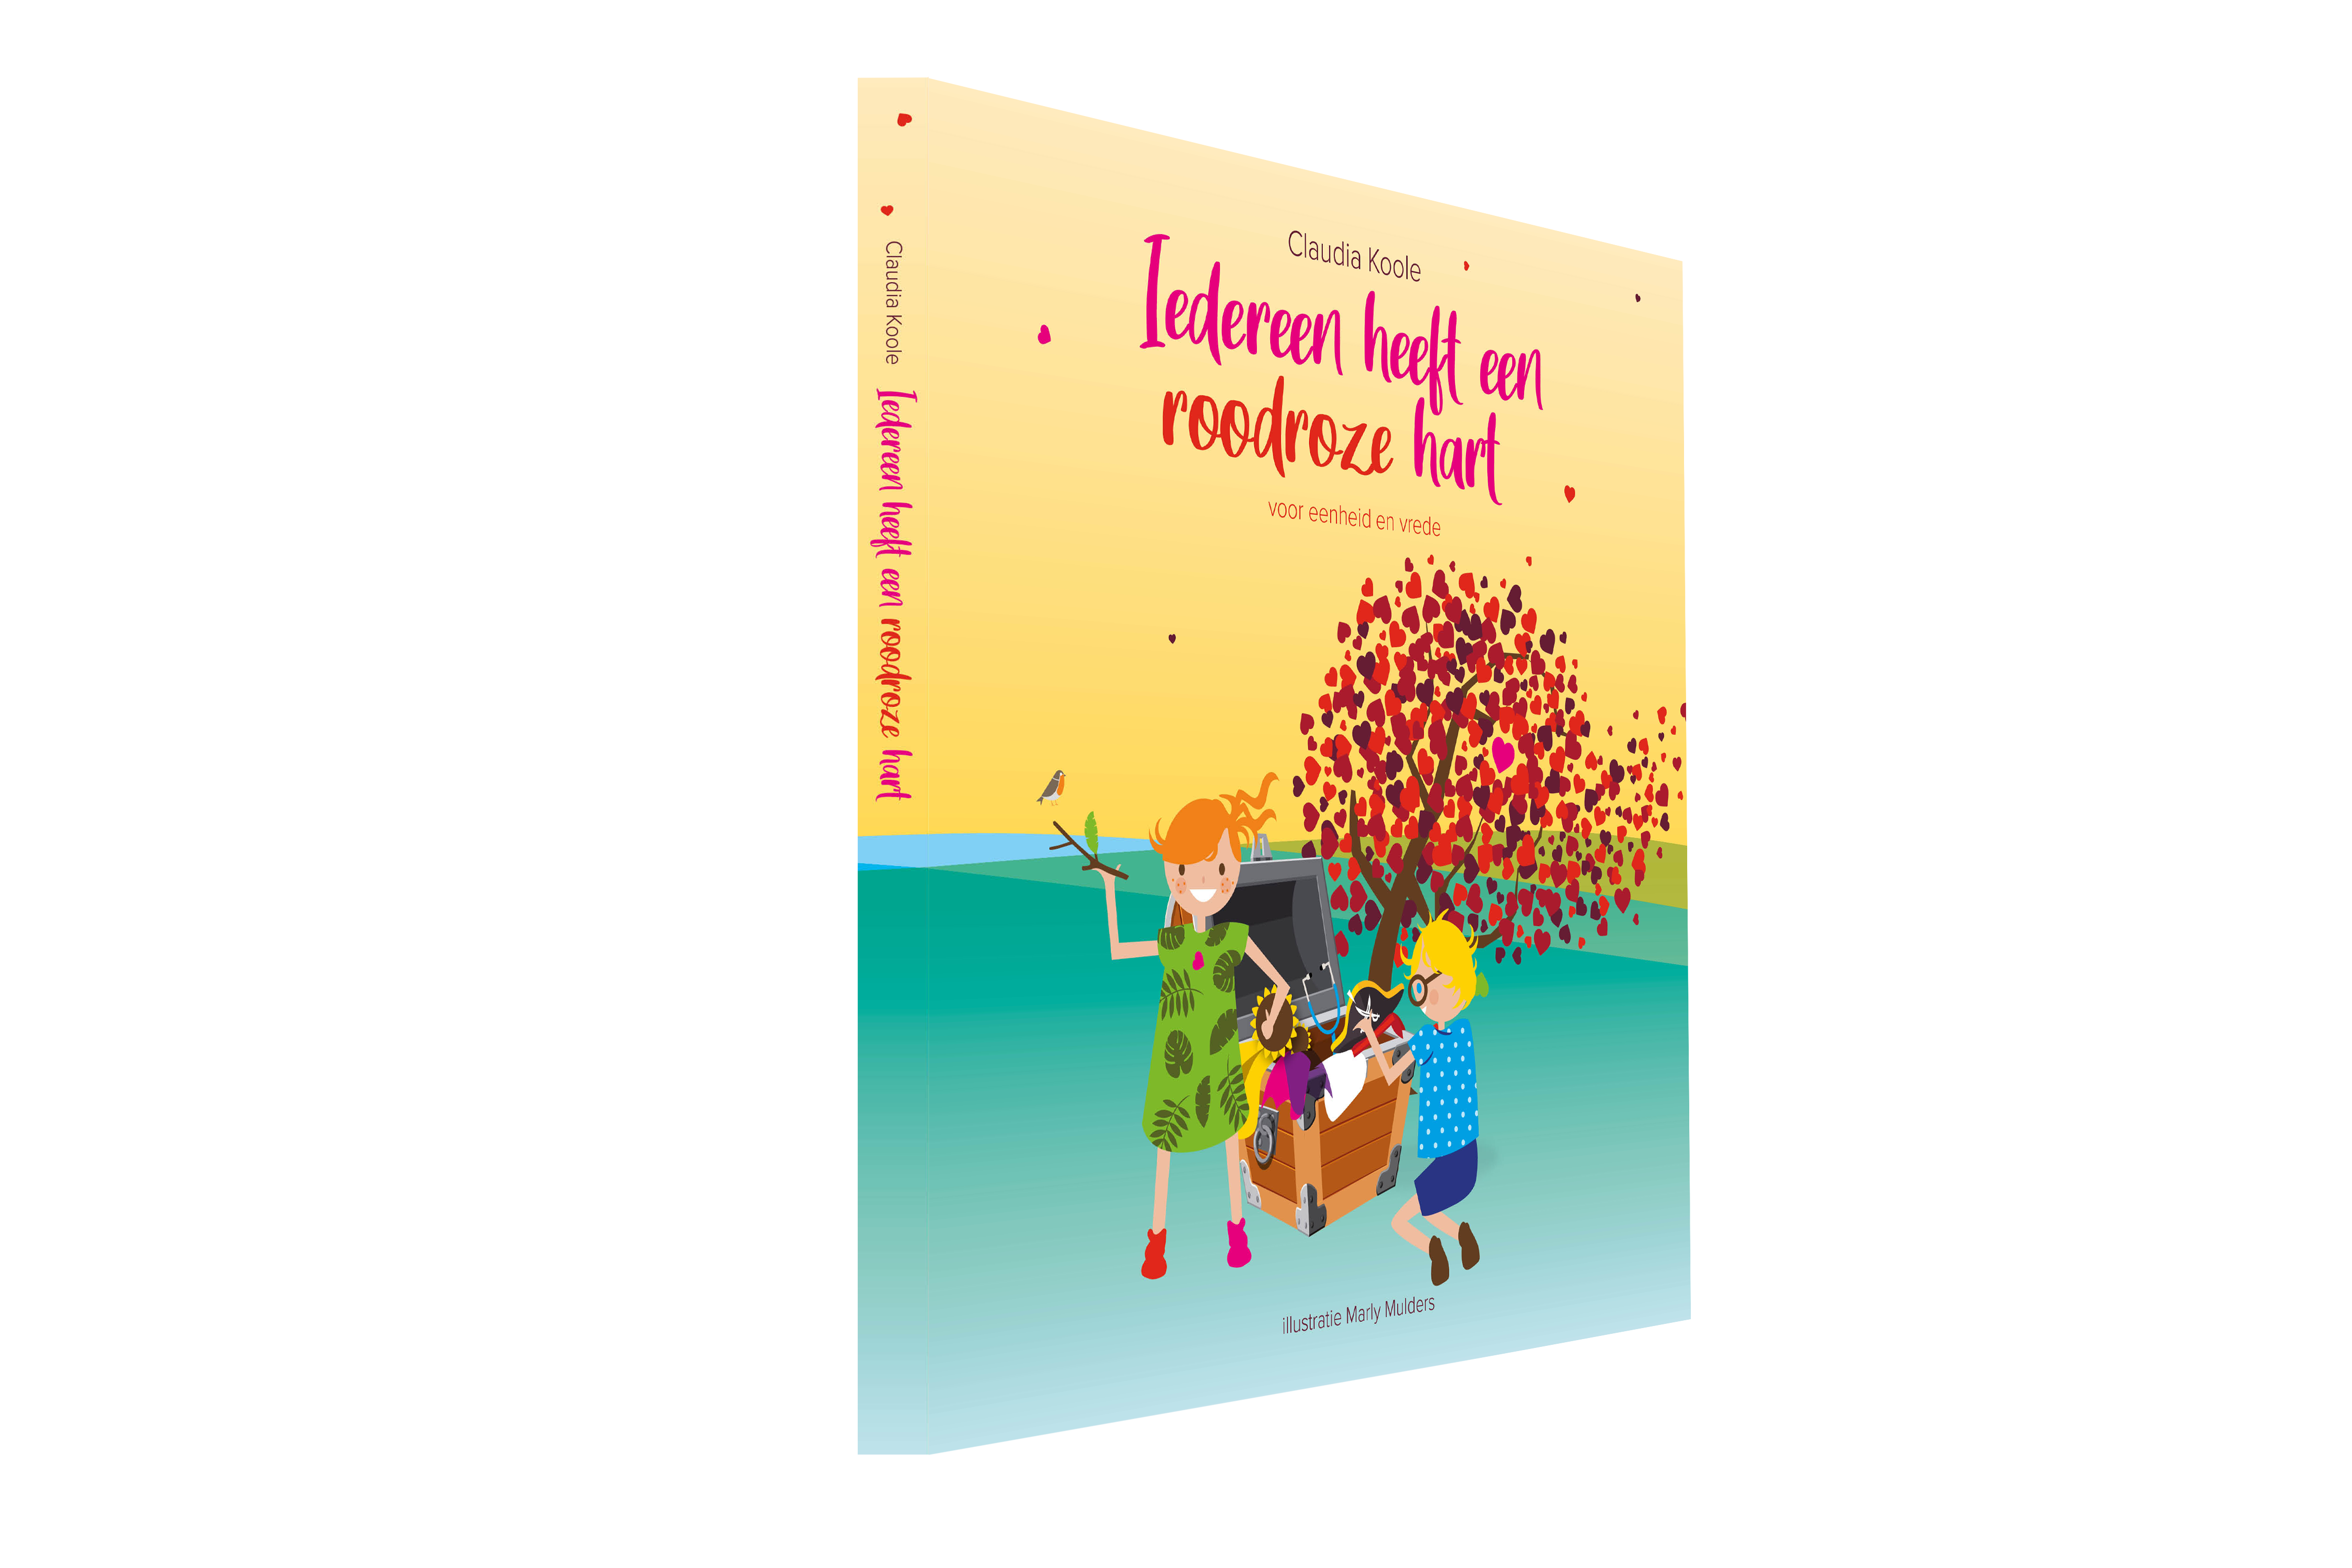 CLK49_2020 Kinderboek Roodroze hart 3D (1)